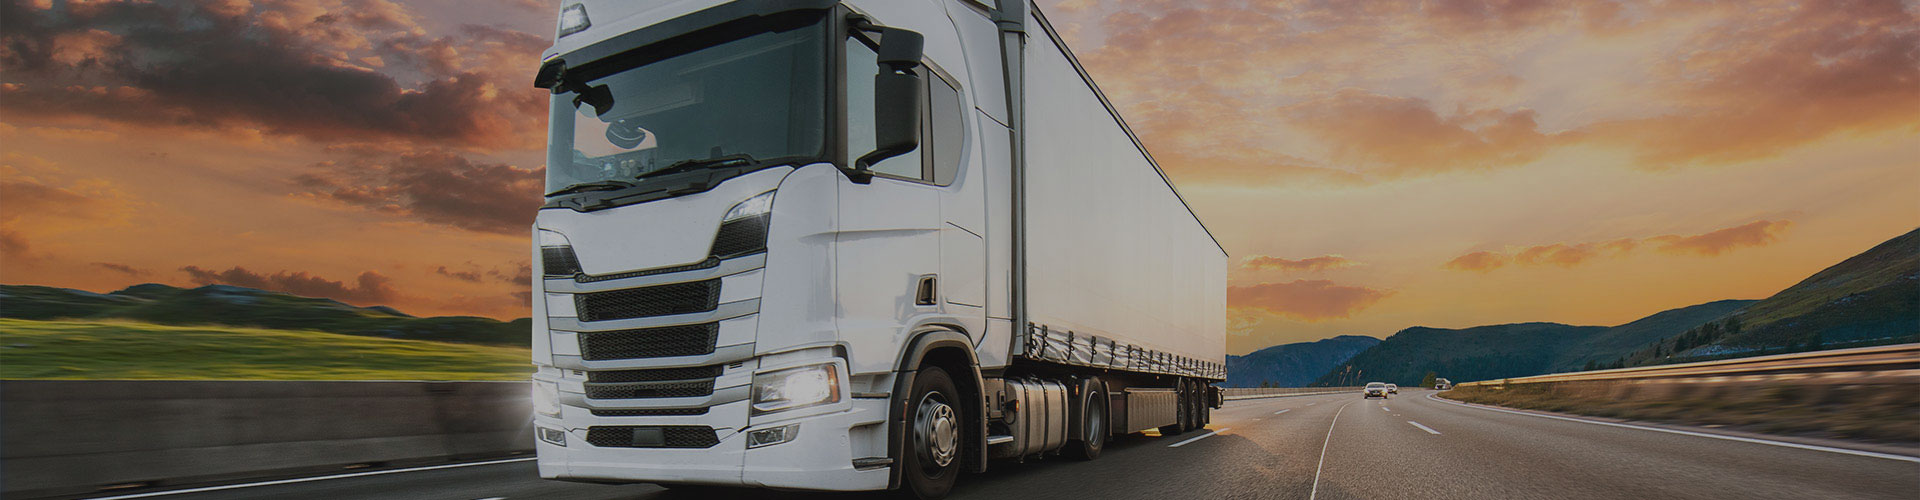 Capacité professionnelle en transport routier léger de marchandises